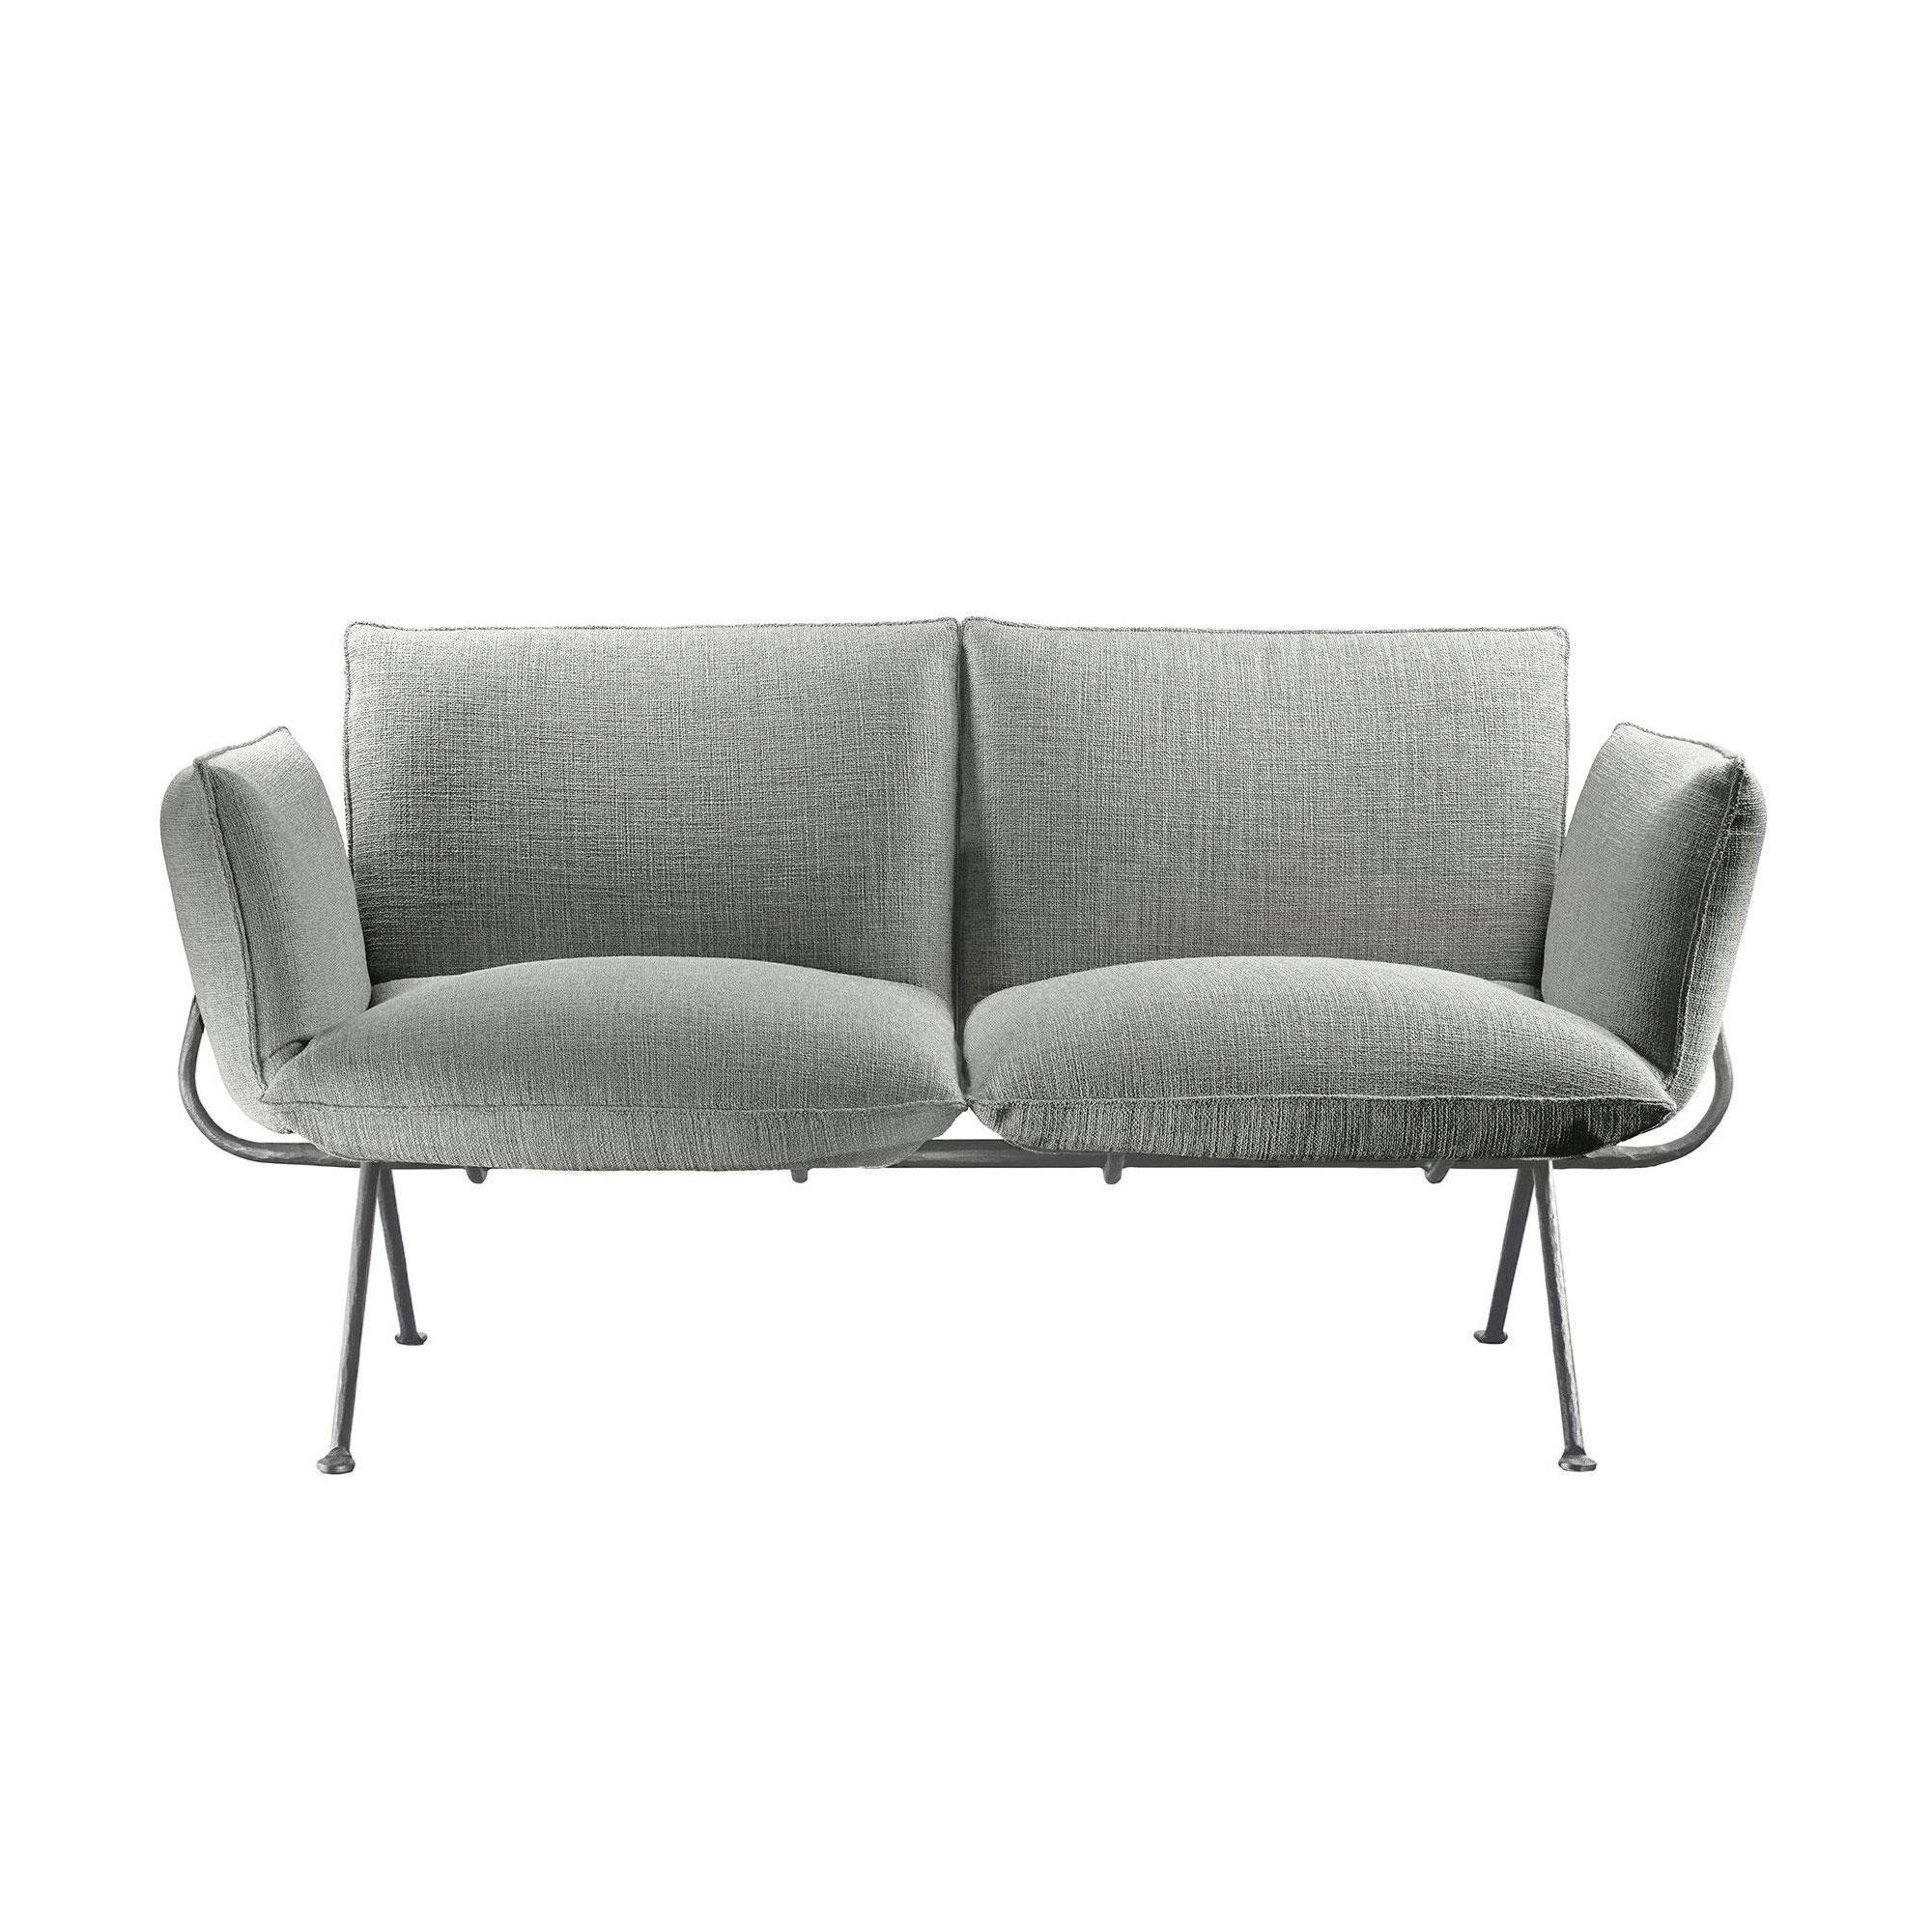 Magis - Canapé de 2 places Officina - gris/PxHxP 151x70,5x77cm/structure galvanisé